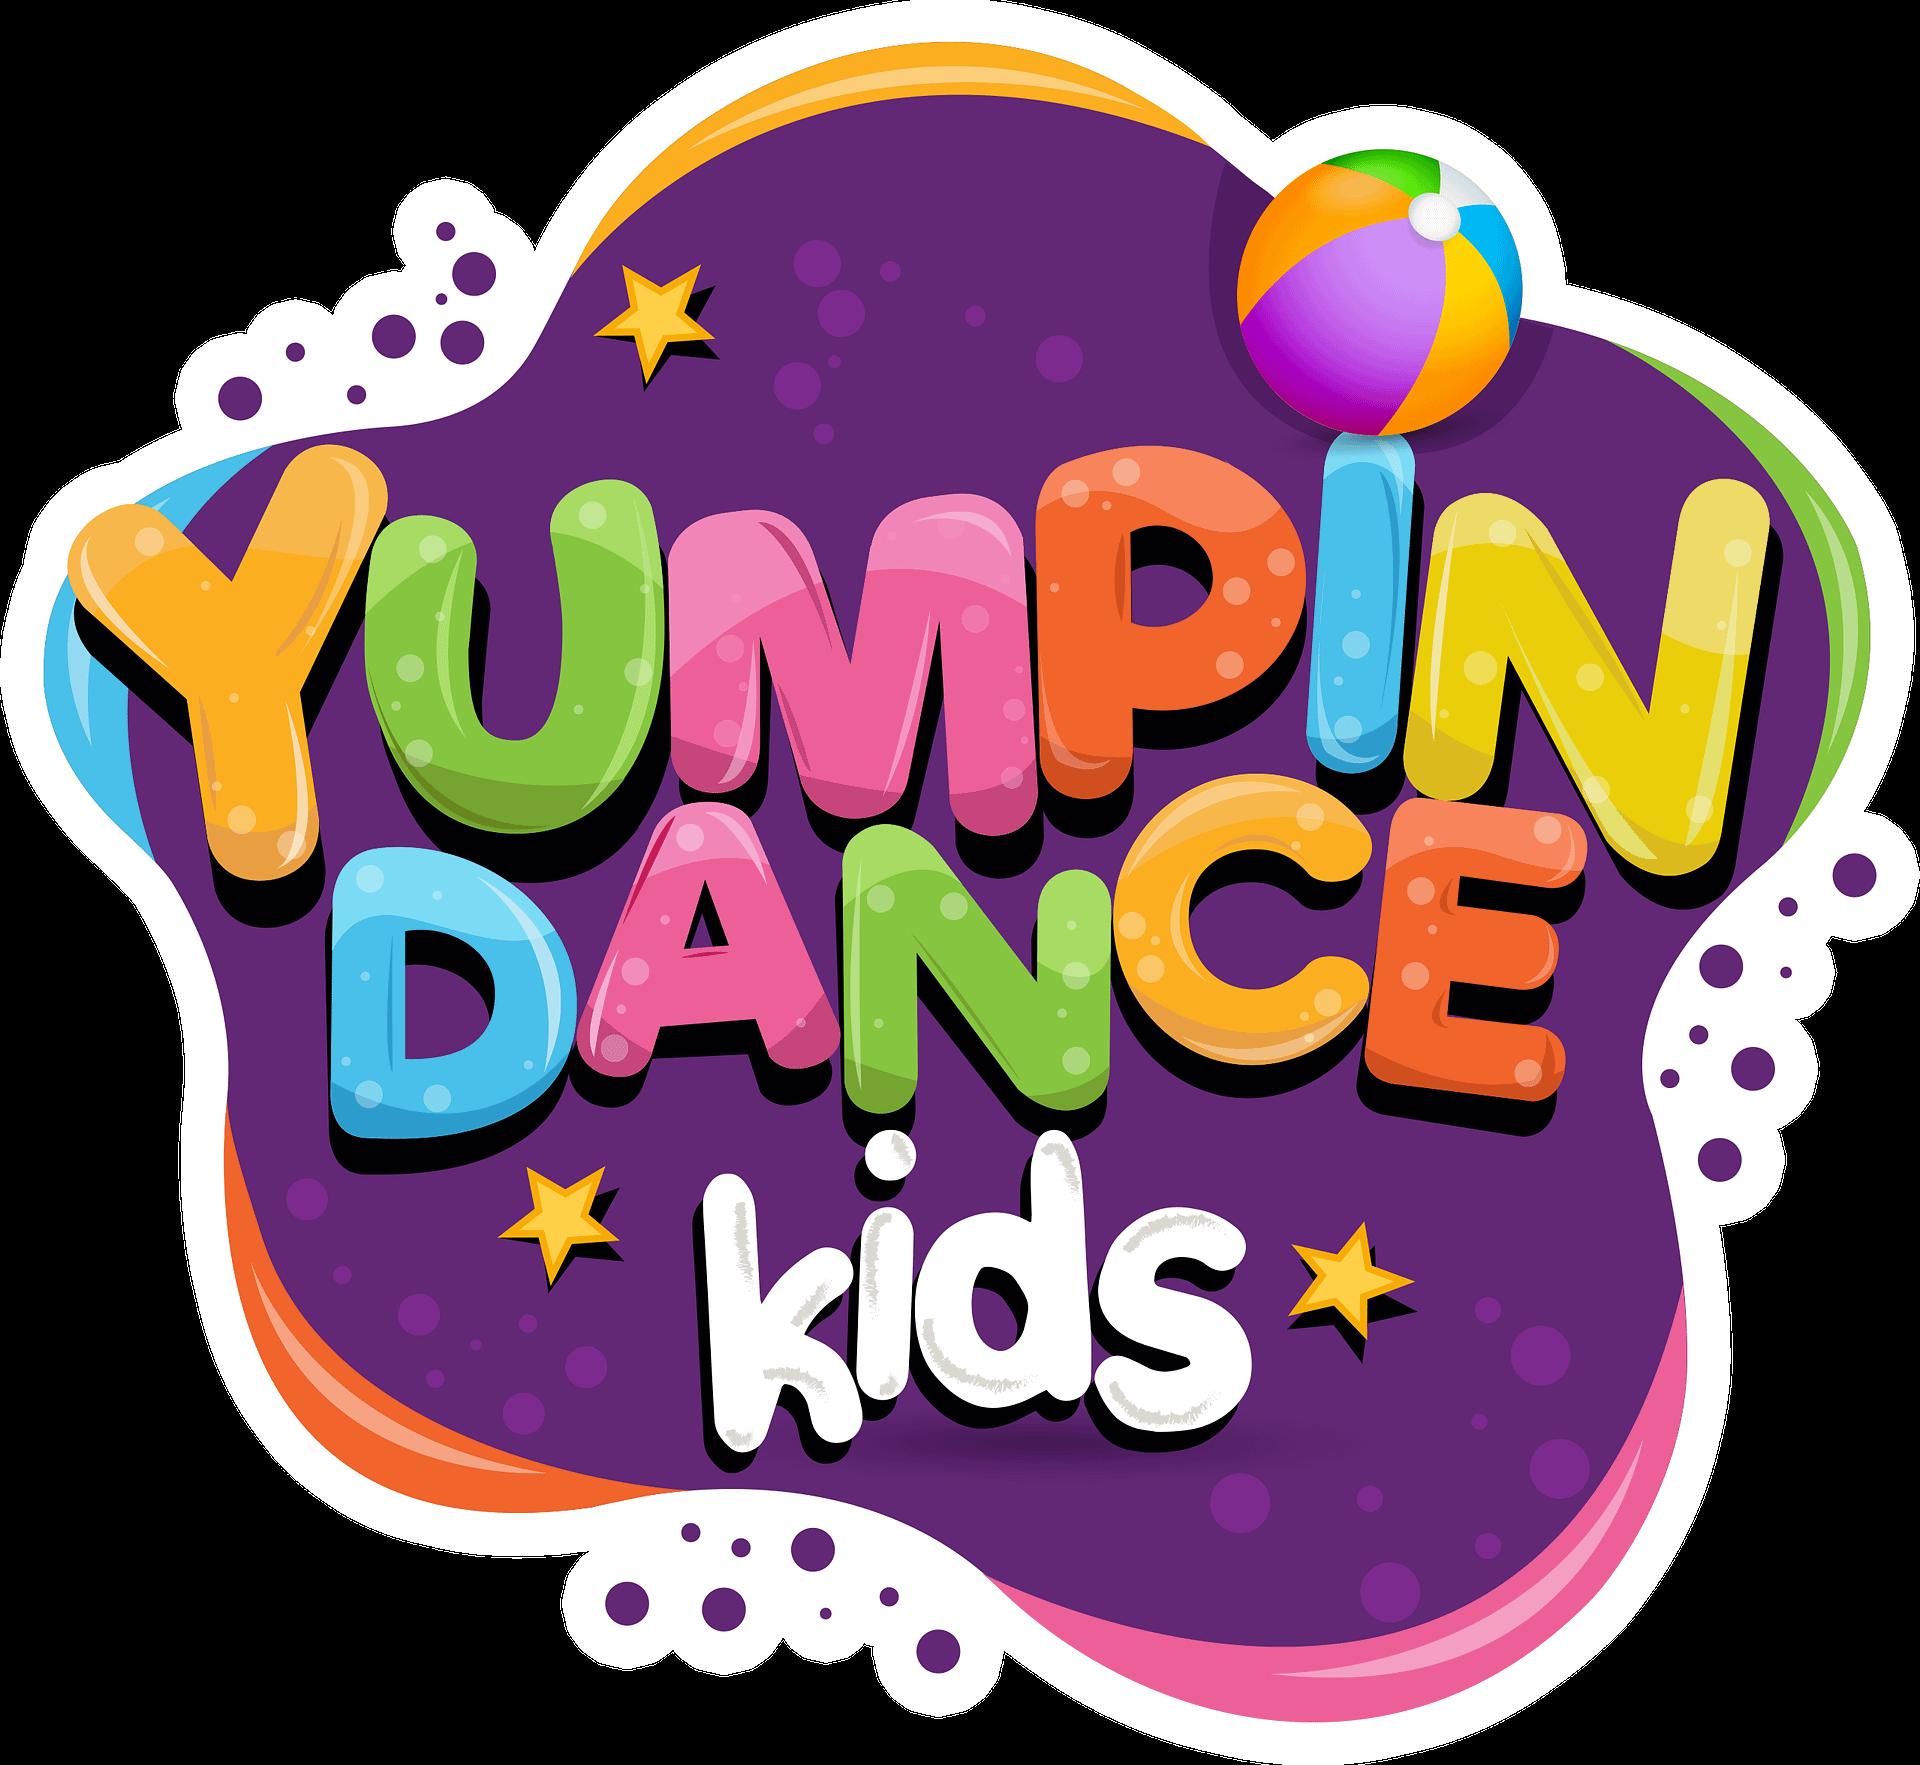 Yumpin | Siempre Baile Kids